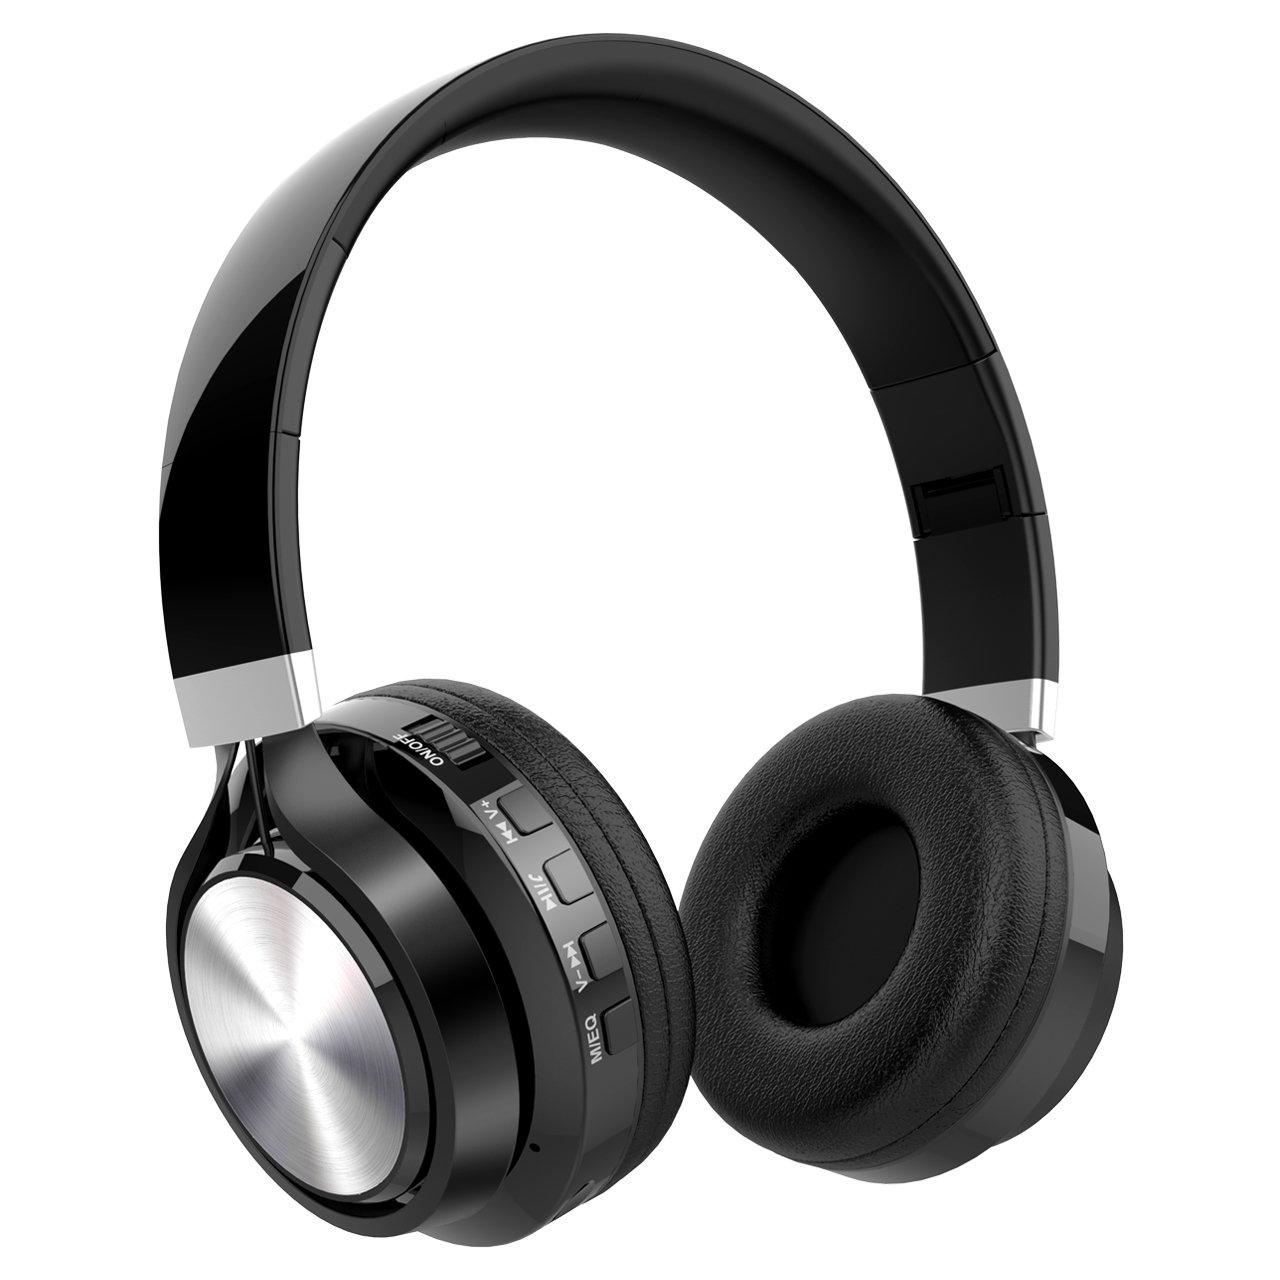 Auriculares In Ear Headphone con Cable 3.5mm de Alta Calidad, NickSea Auriculares Cable con Micrófono, Auriculares para Móvil y MP3 Reproducir Música, Auriculares con Cable para iPhone, Samsung, Huawei, Xiaomi, MP3, PC EP-HXX-OY712-hei